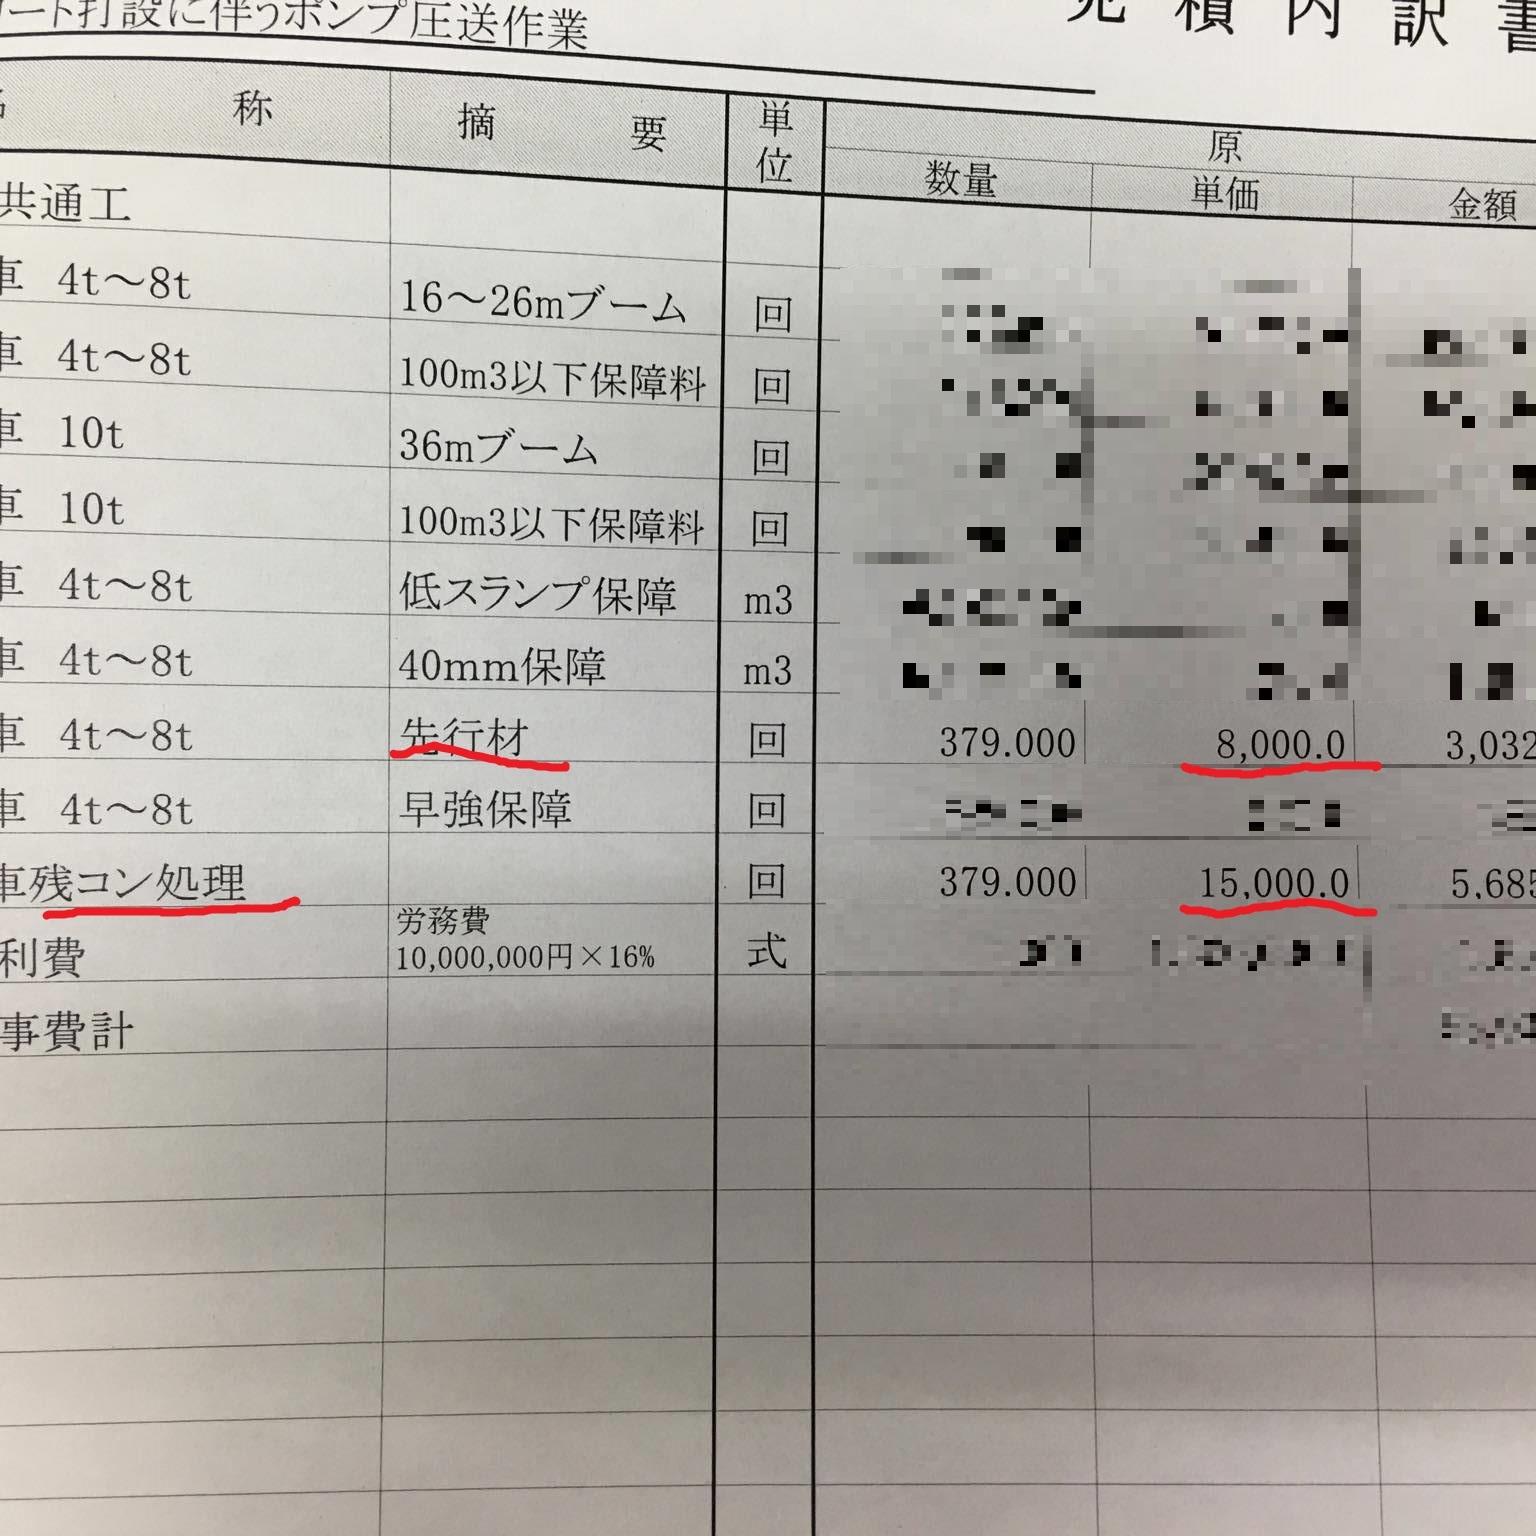 「さすが、新幹線。」 残コン処理・仕様書・福井・価格・残コン